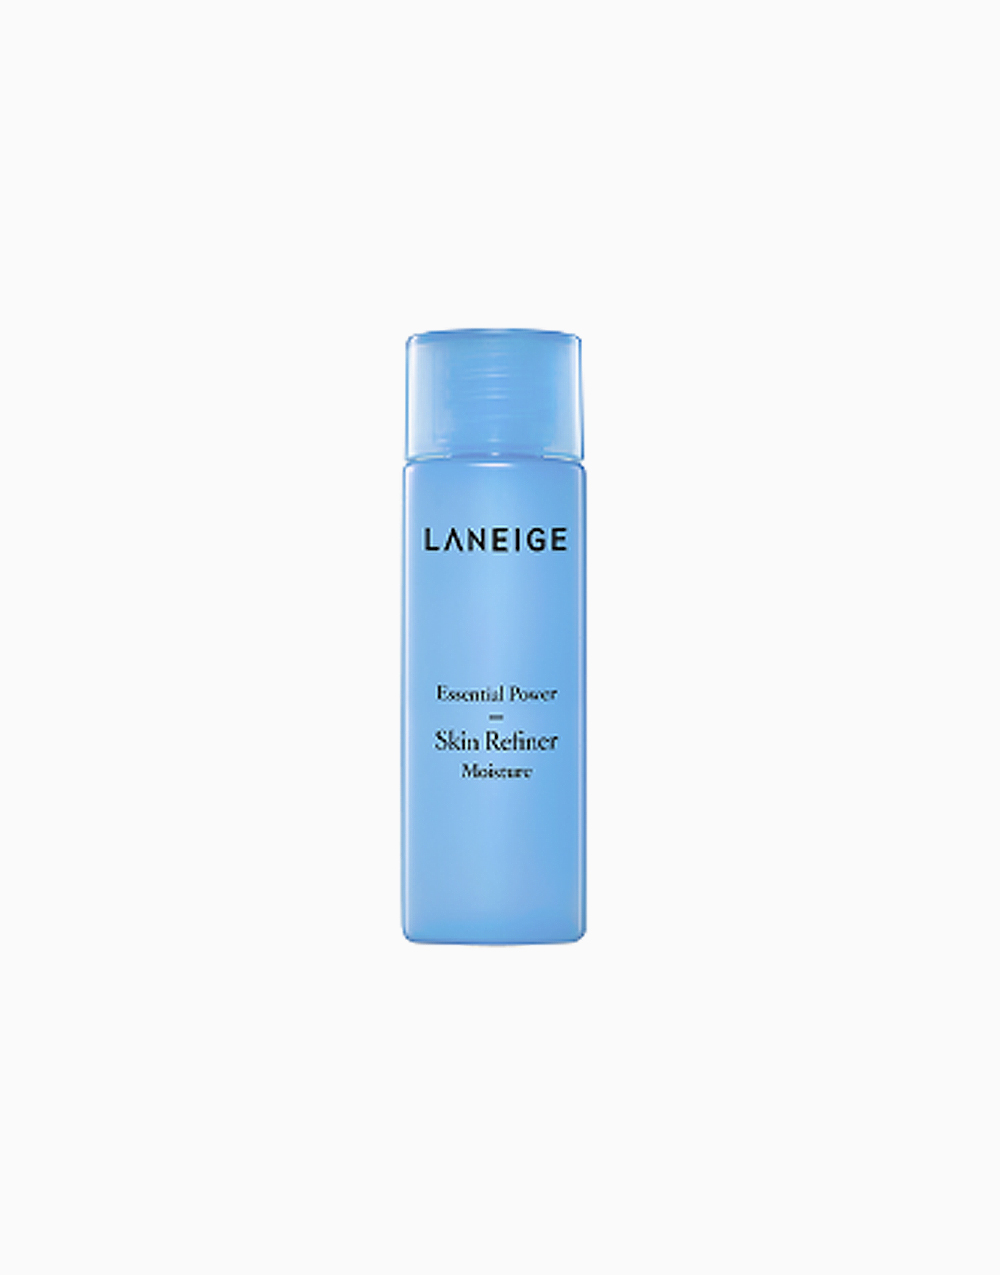 Essential Power Skin Refiner Moisture (25ml) by Laneige